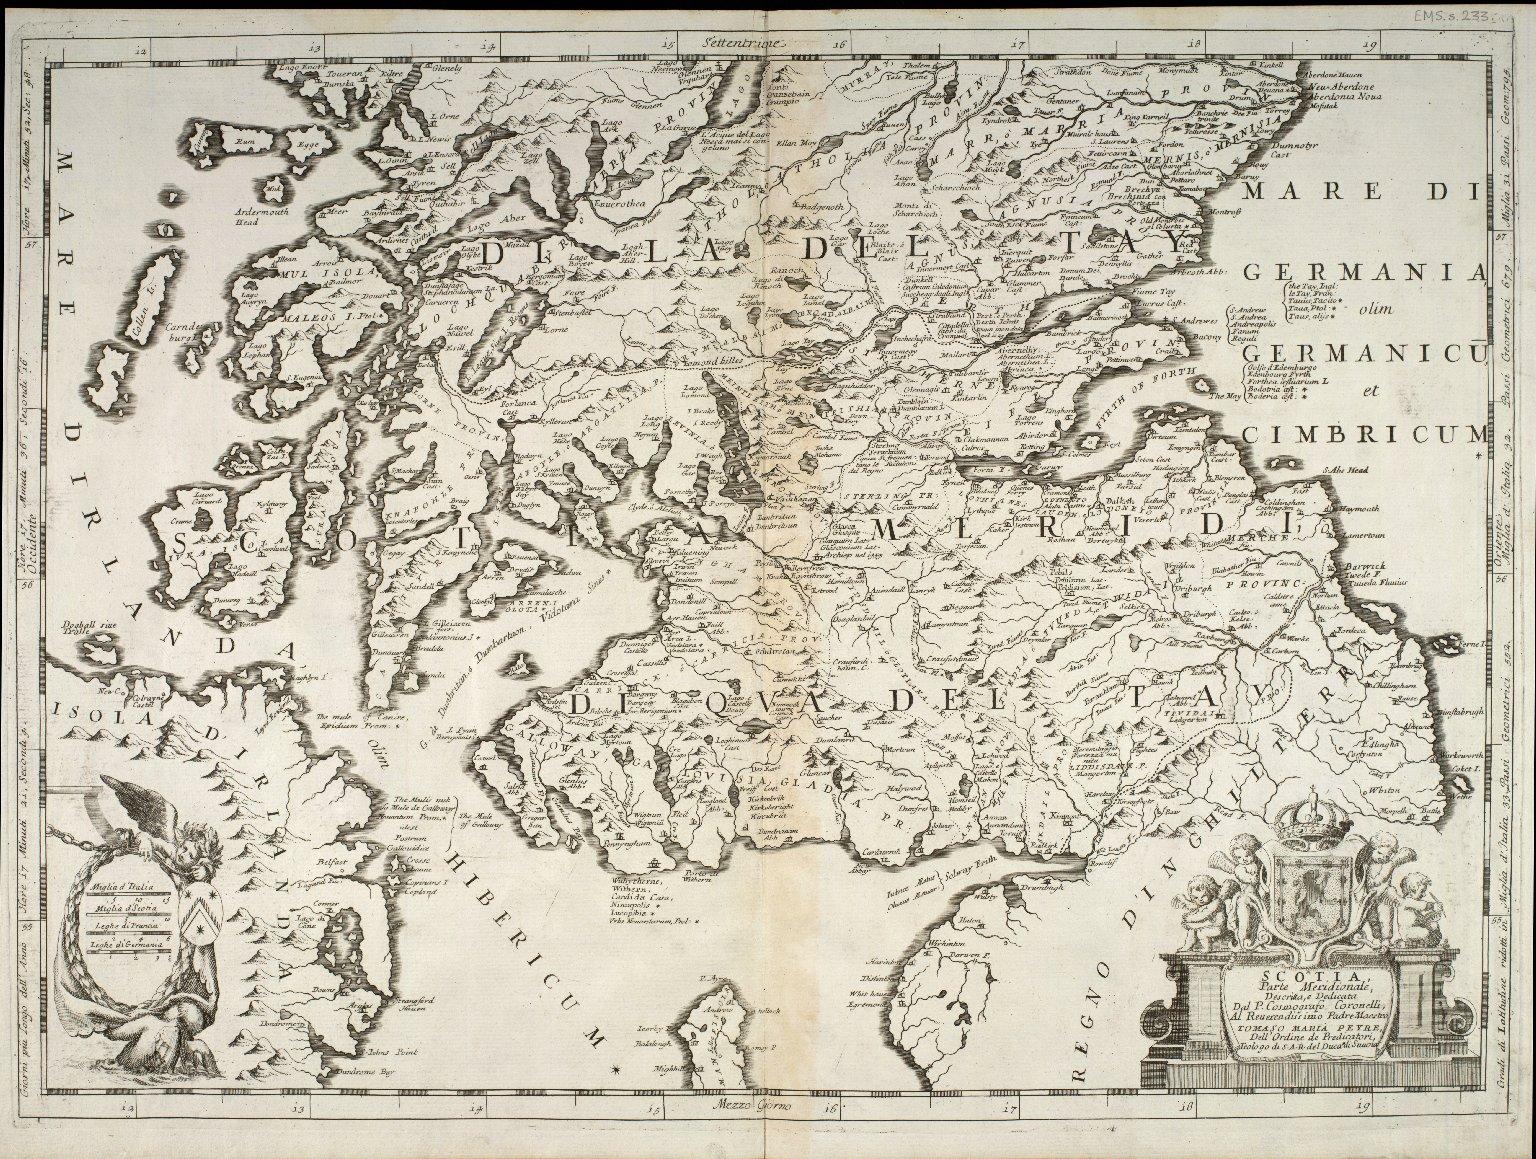 Scotia, parte Meridionale, [1 of 1]